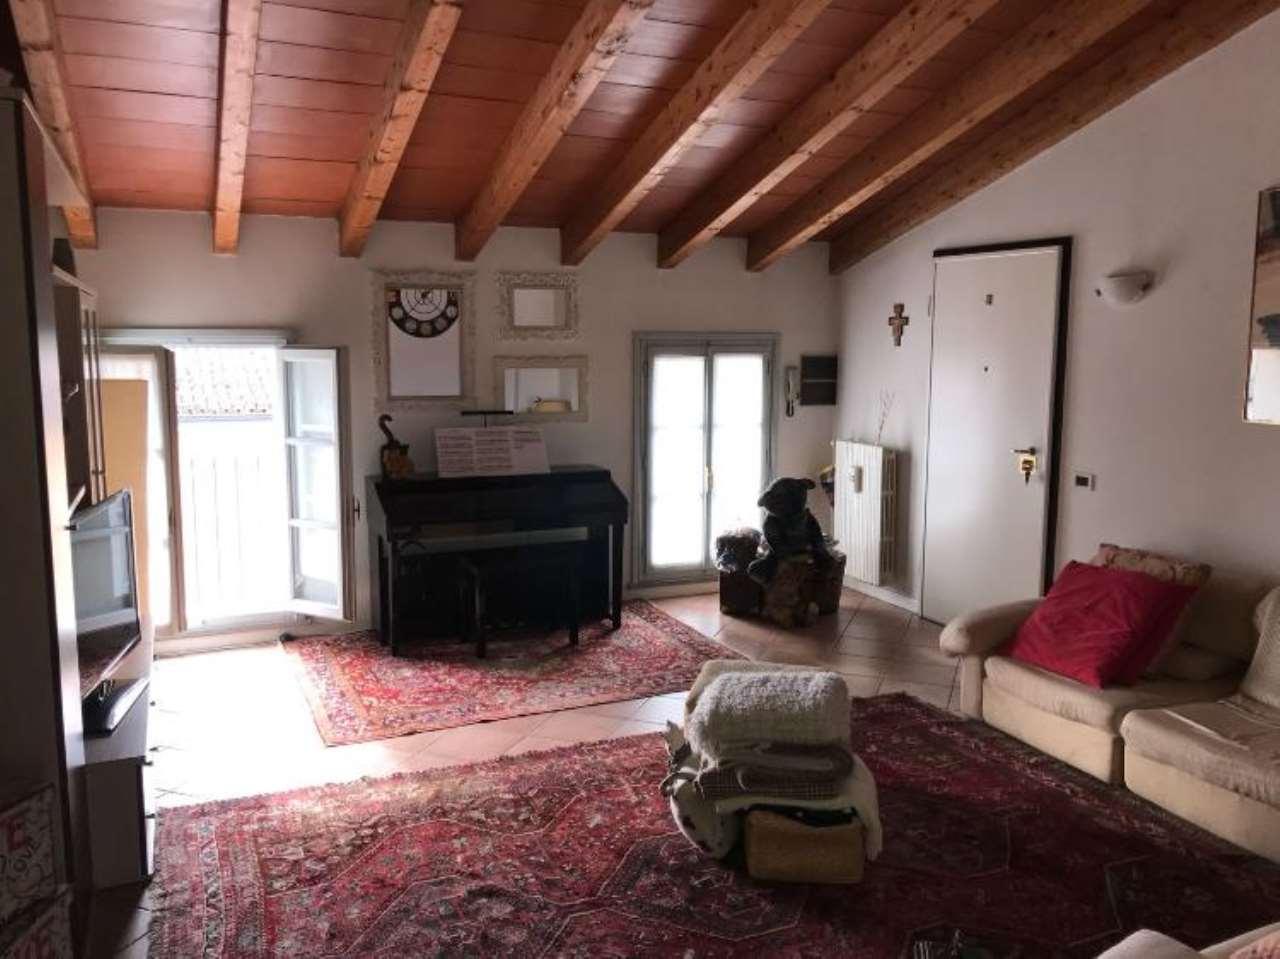 Appartamento in vendita a Castelvetro Piacentino, 3 locali, prezzo € 110.000 | CambioCasa.it